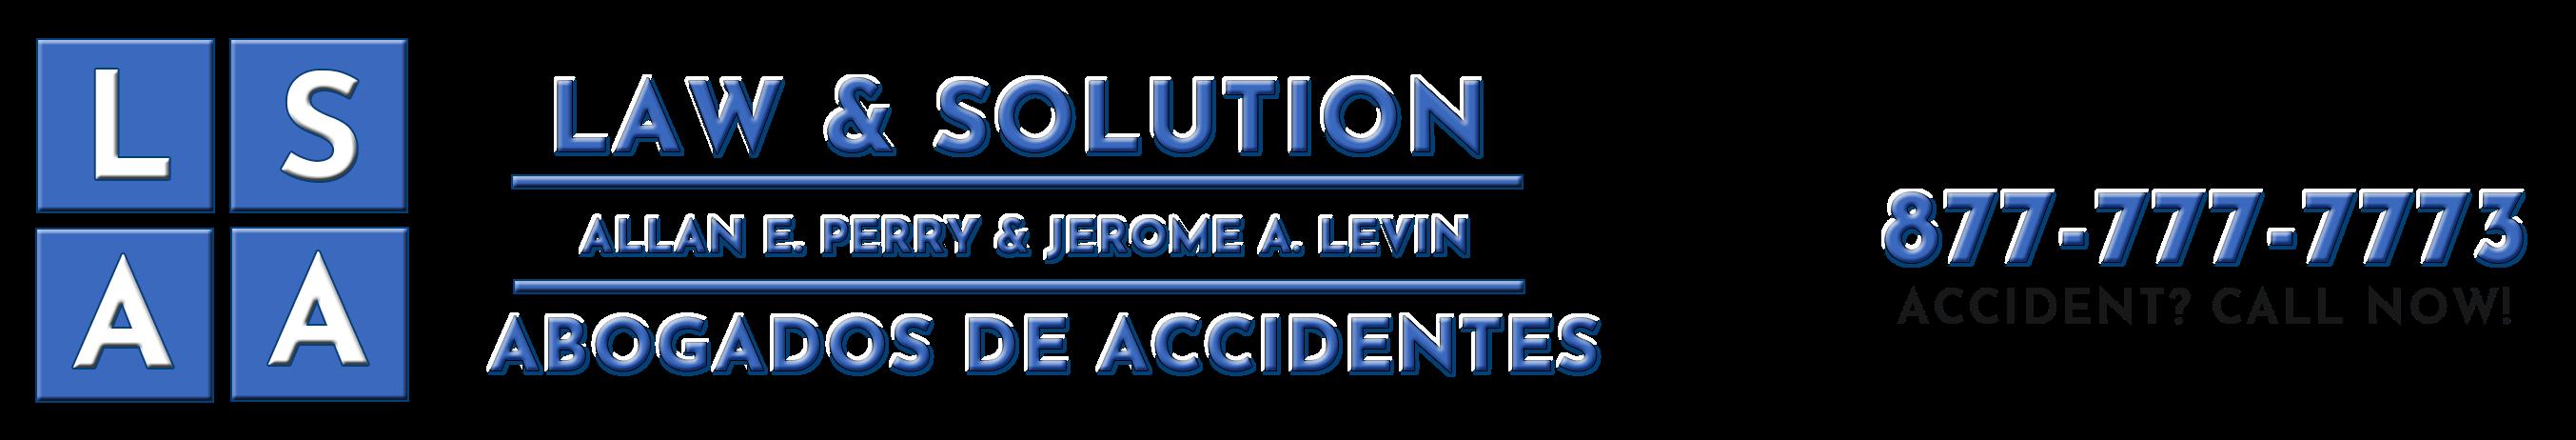 Law & Solution - Abogados De Accidentes en Anaheim, CA | 877-777-7773